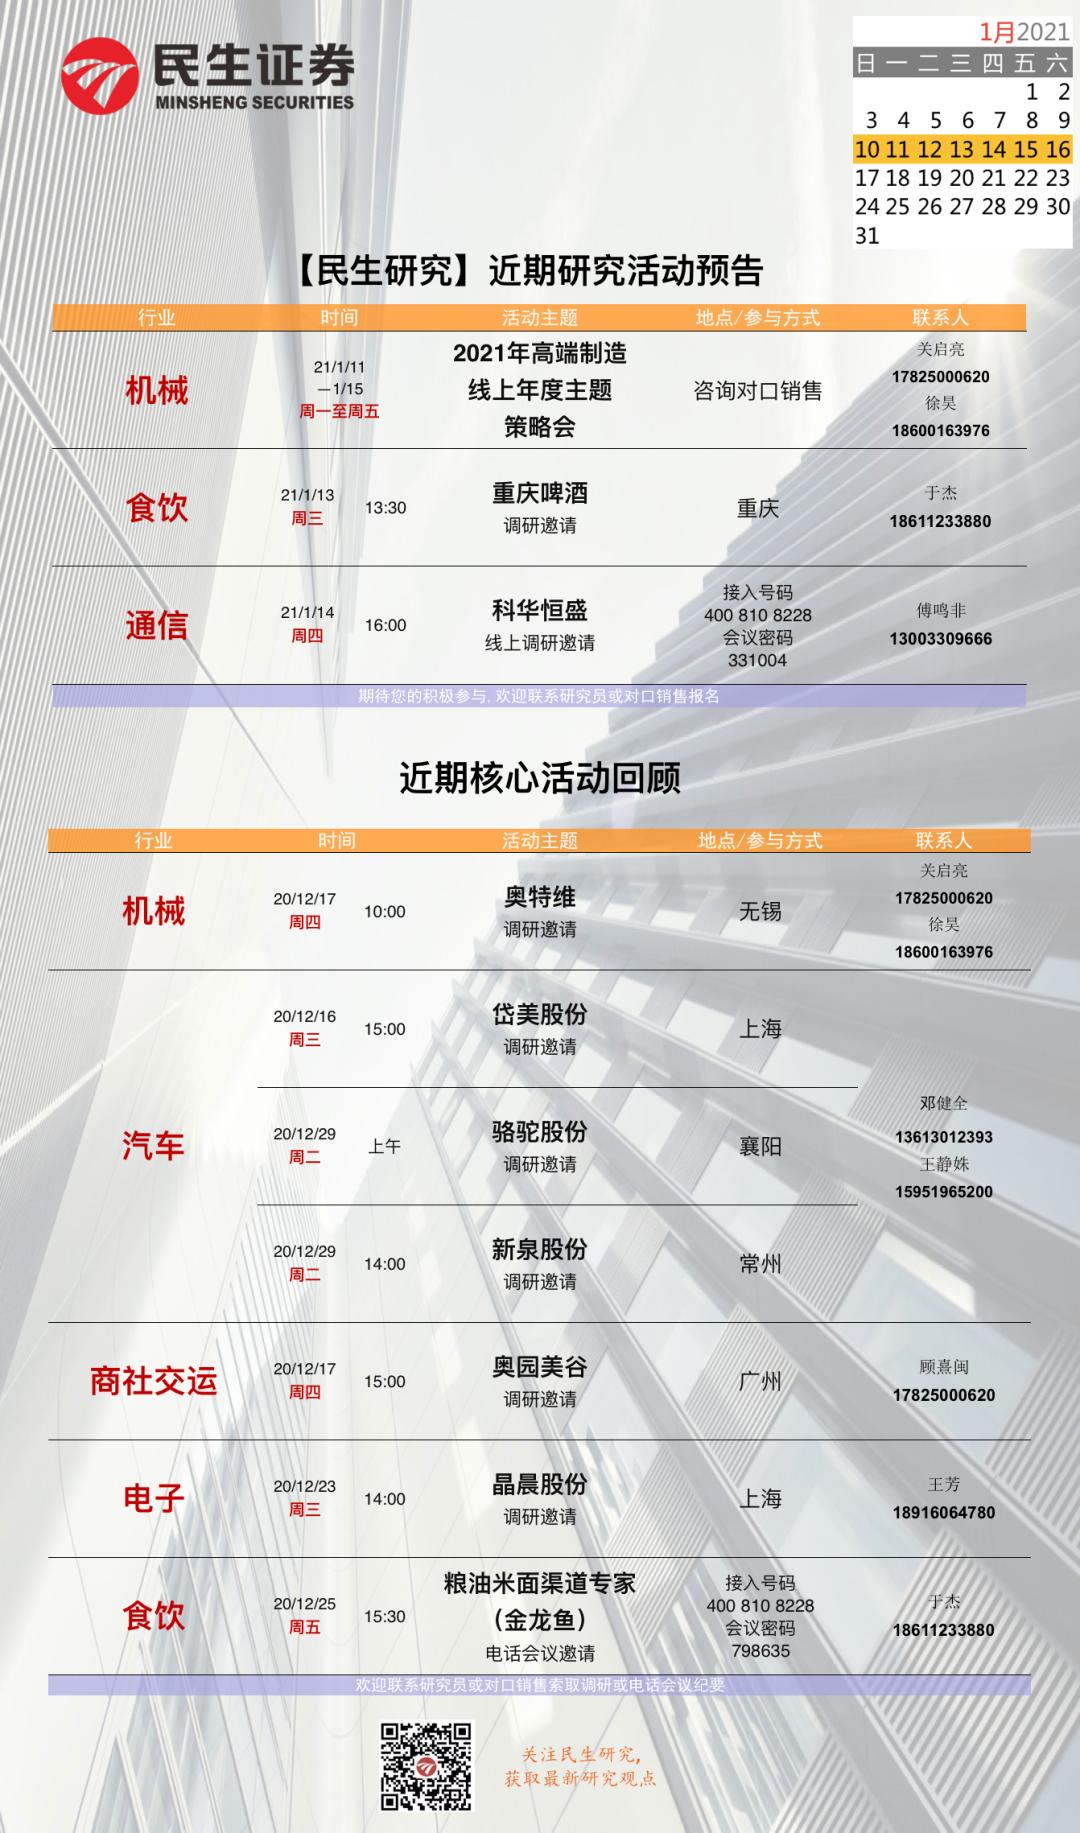 【民生证券研究院】晨会纪要20210112